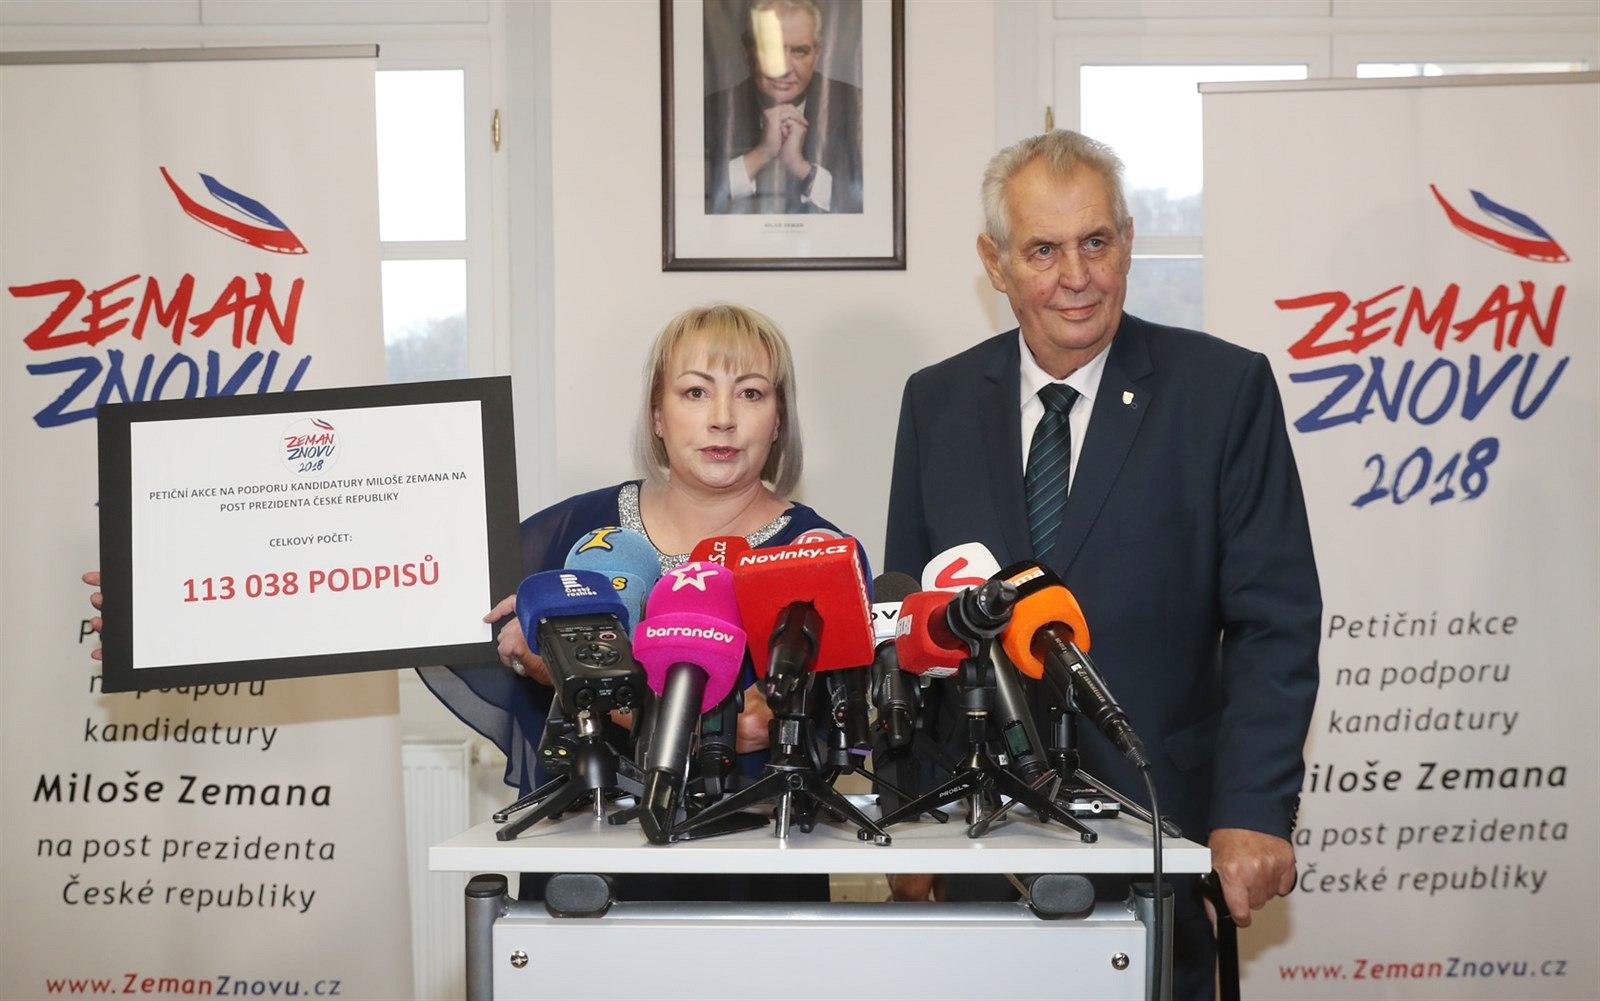 Prezident Milos Zeman A Jeho Manzelka Ivana Vystoupili Na Tiskove Konferenci K Zemanove Kandidature Do Prezidentskych